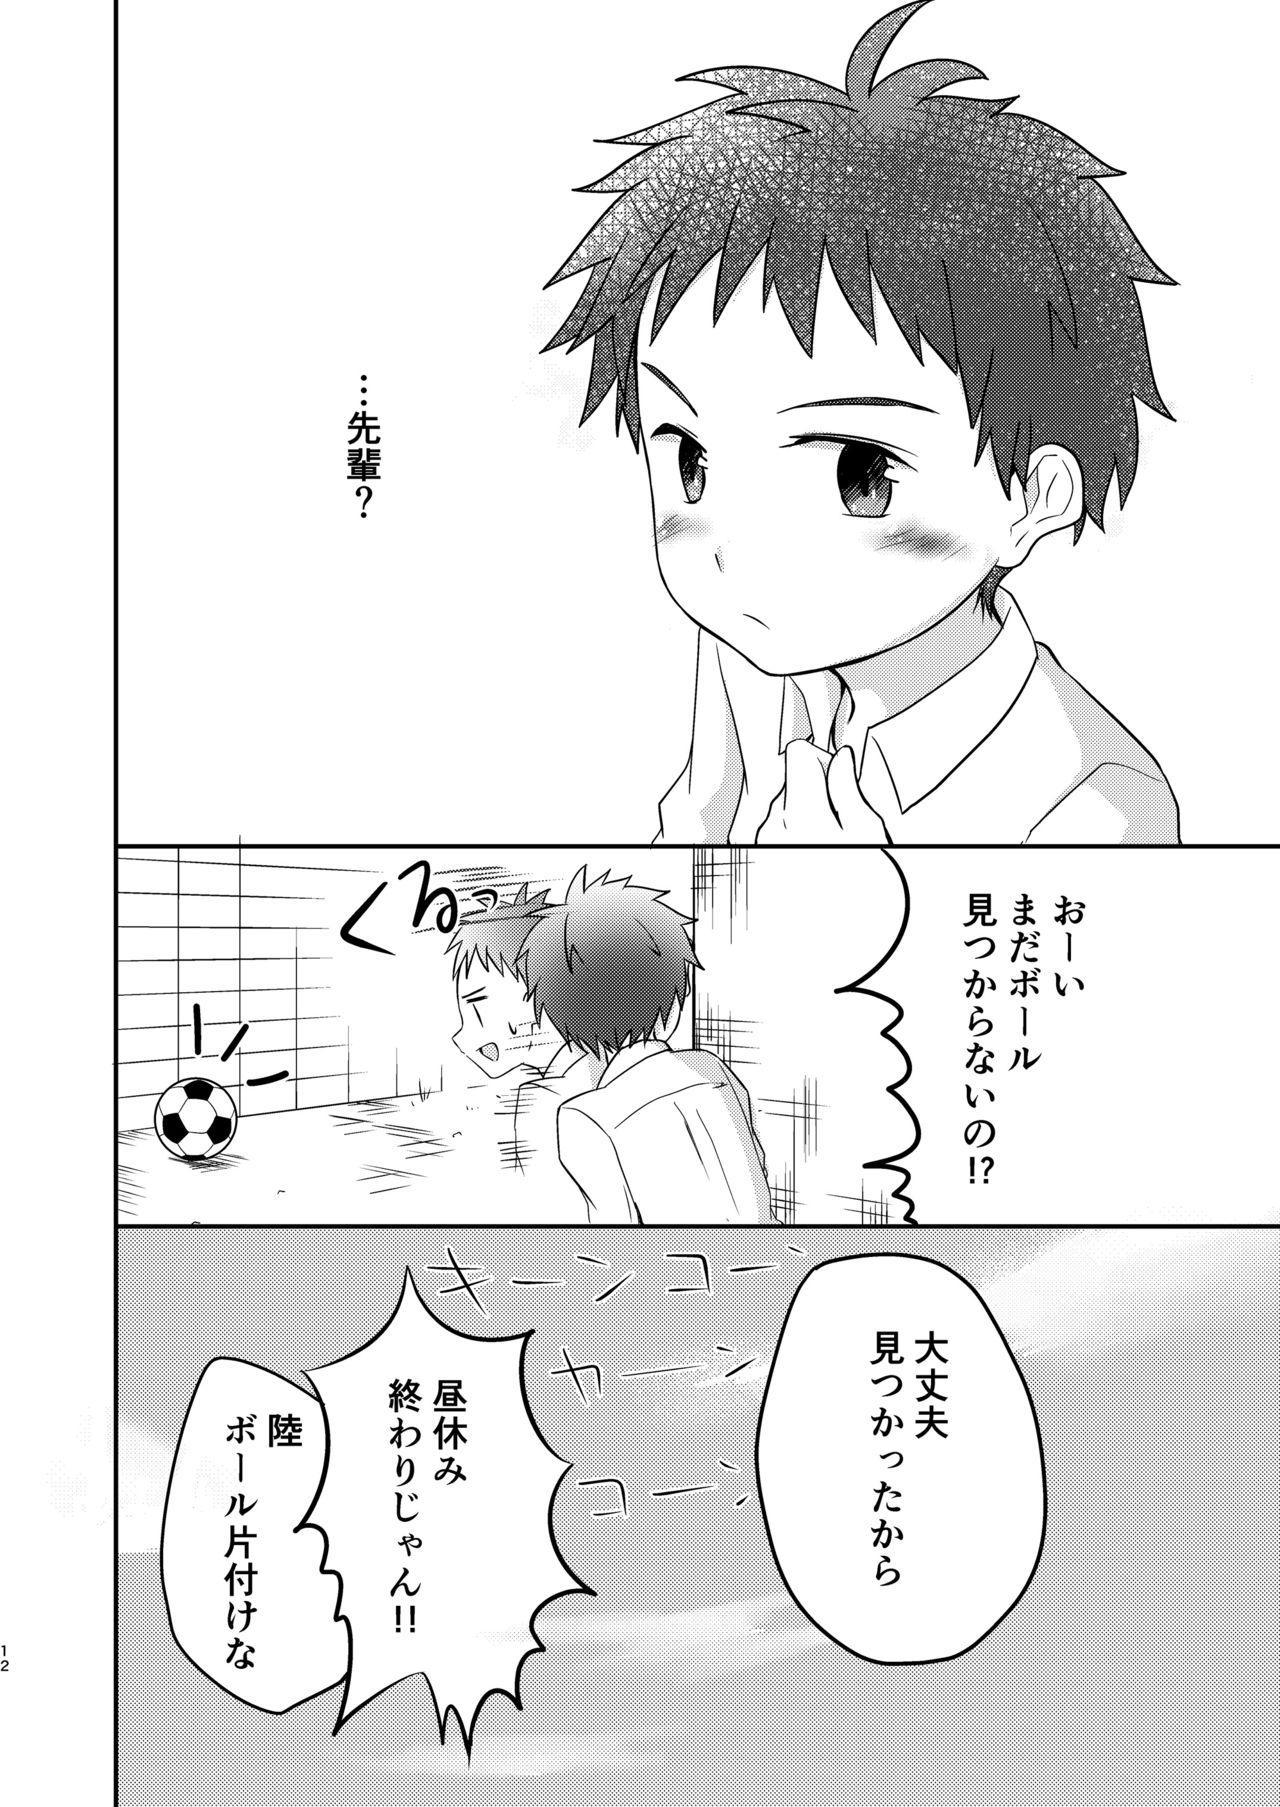 Kichiku Senpai o Yamenaide 11